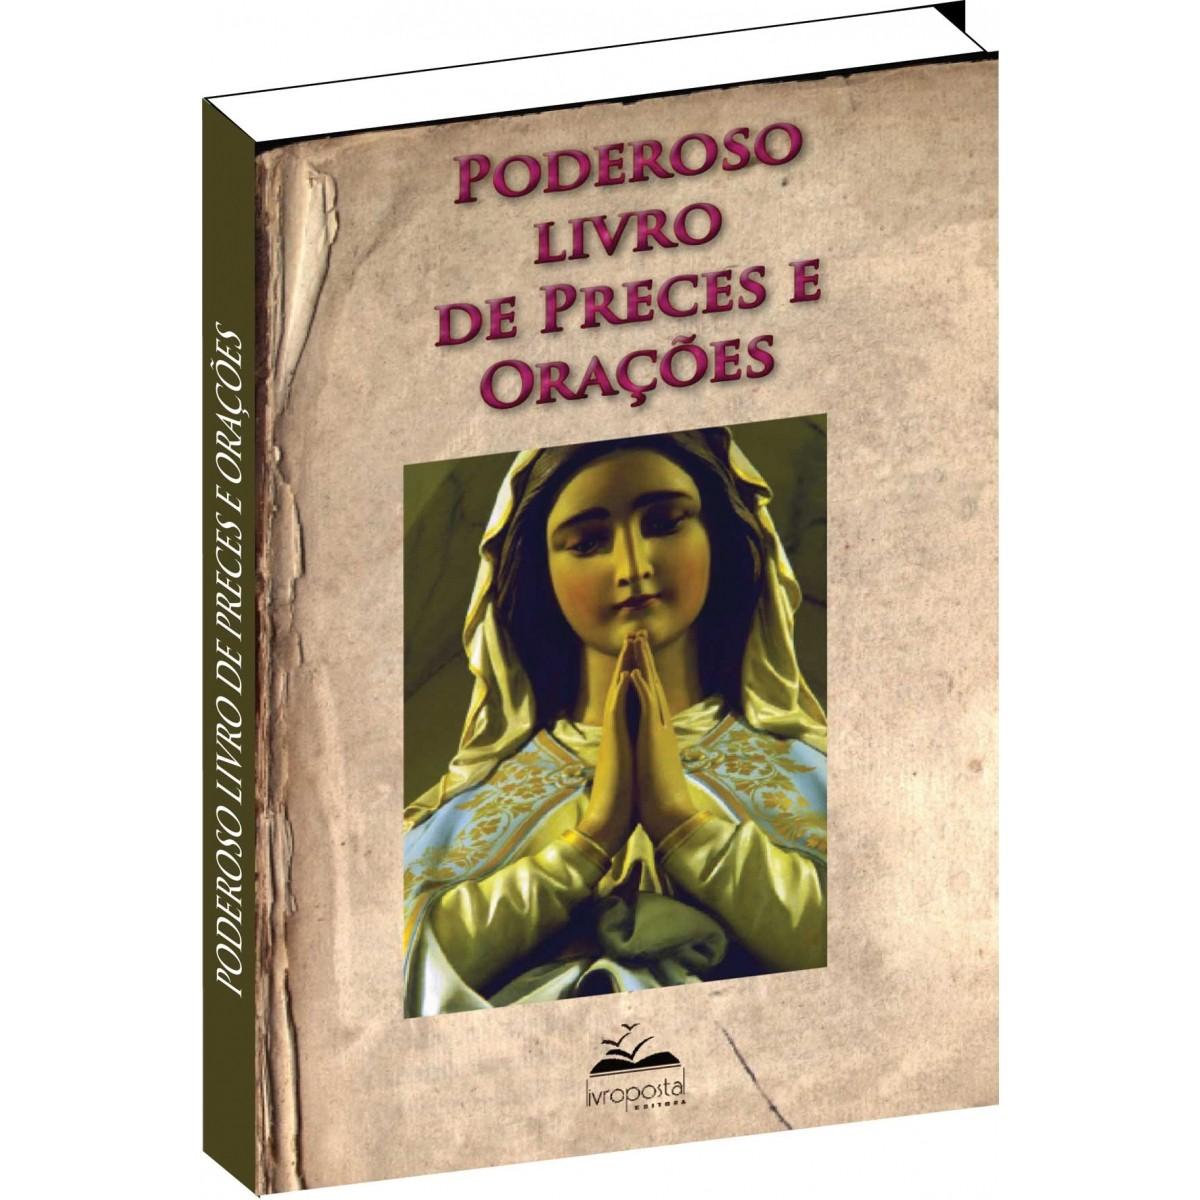 Ebook do livro Poderoso livro de Preces e Orações  - Livropostal Editora